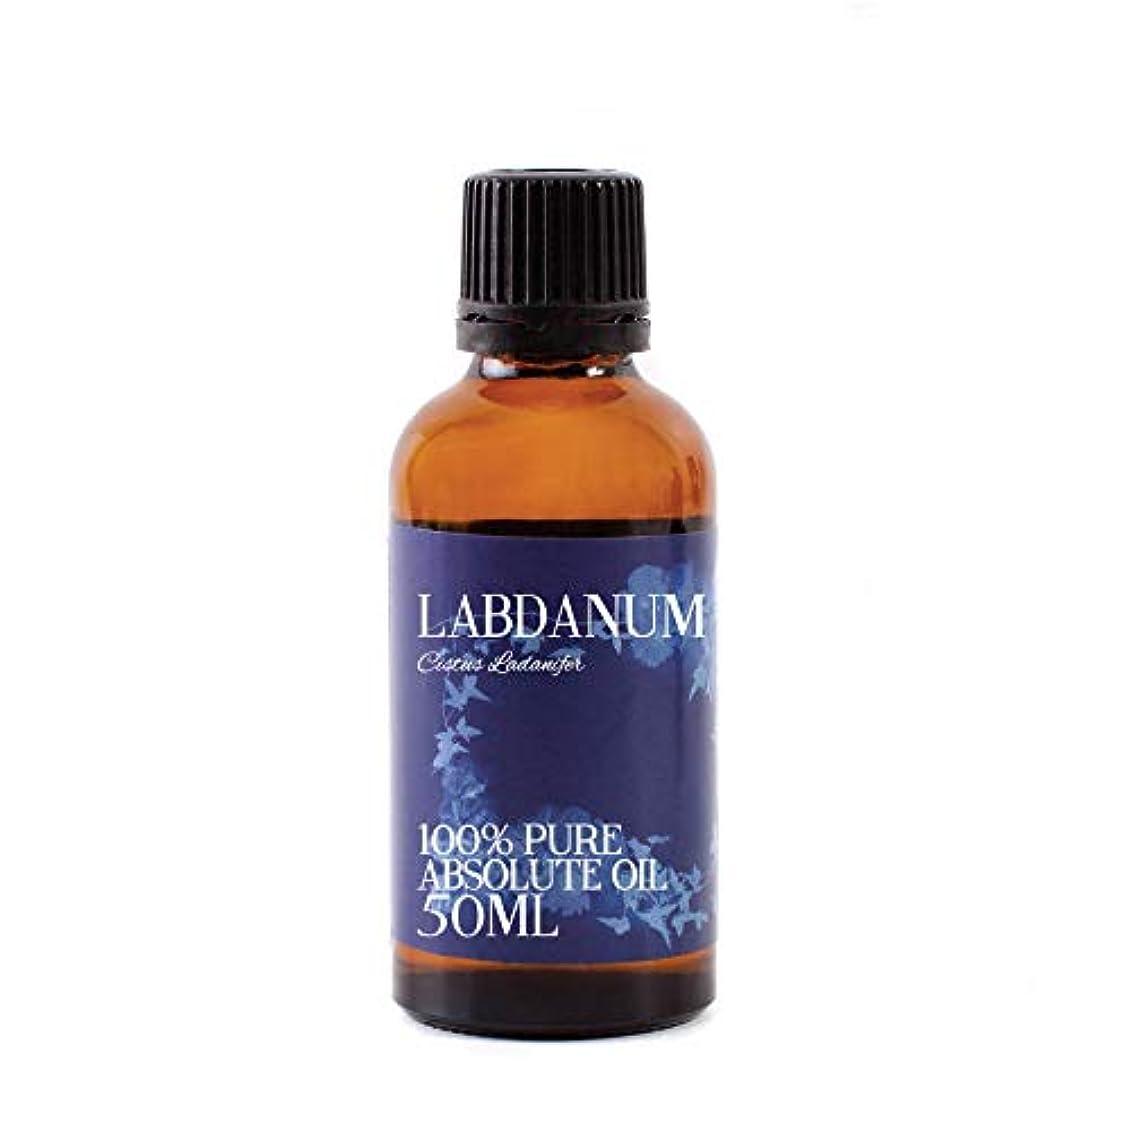 カエル休戦急行するLabdanum Absolute 50ml - 100% Pure